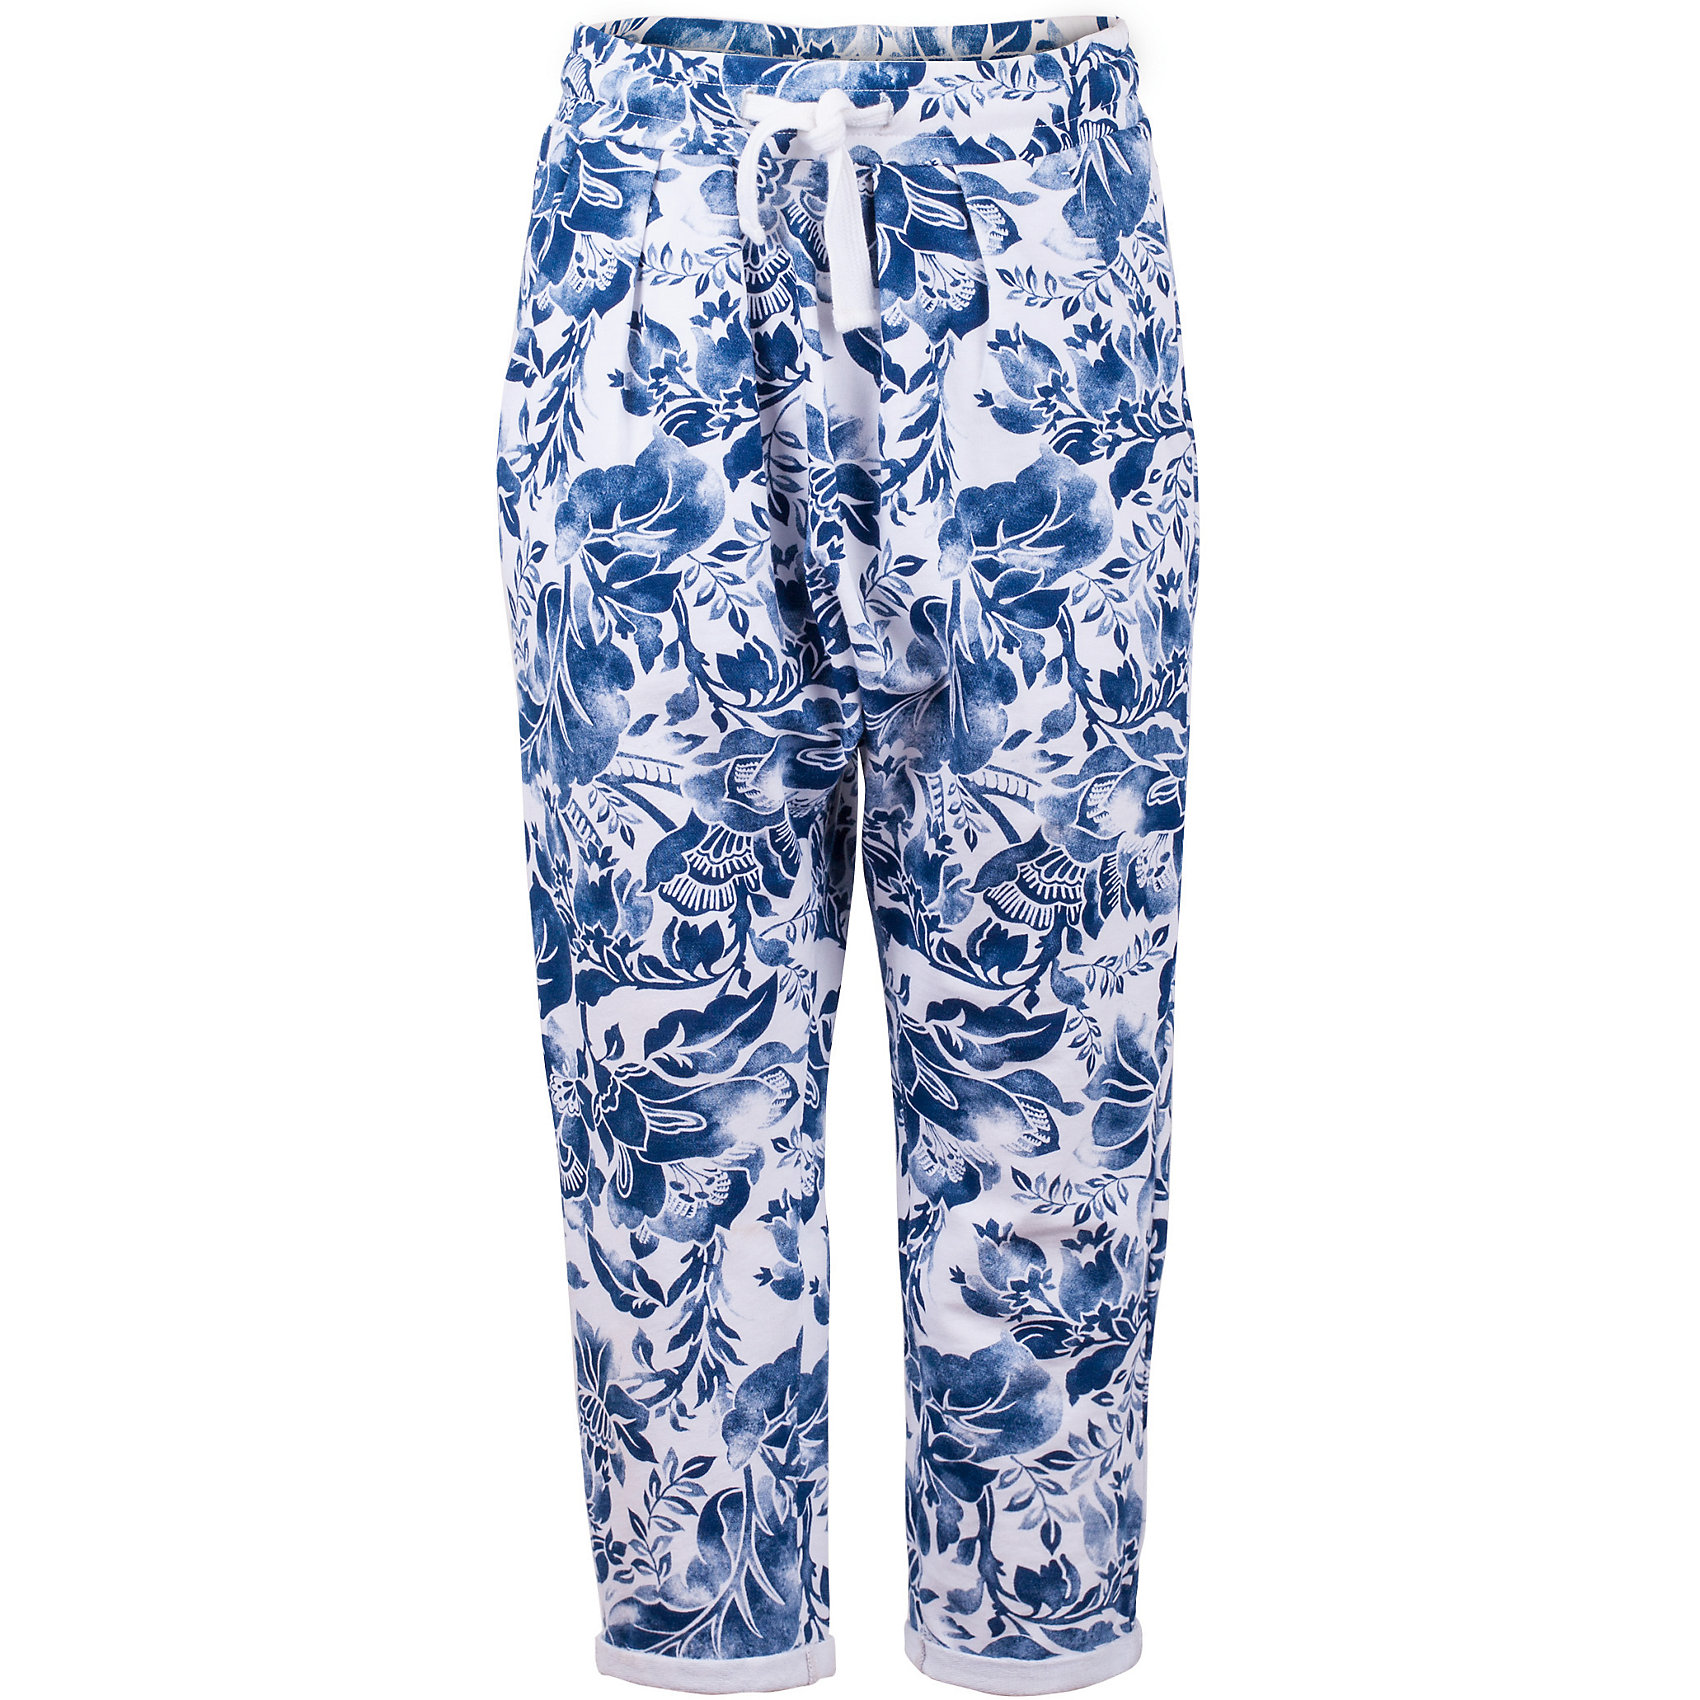 Брюки для девочки GulliverЧто может быть лучше трикотажных брюк? Только трикотажные брюки из яркого орнаментального футера! Оригинальный крой с заниженной линией слонки, свободная форма, пояс на резинке с утяжкой из мягкого шнура делают брюки очень удобными и комфортными. Если вы хотите купить стильные детские брюки с рисунком для прогулок, отдыха и домашнего времяпрепровождения, эта модель - отличный выбор!<br>Состав:<br>95% хлопок      5% эластан<br><br>Ширина мм: 215<br>Глубина мм: 88<br>Высота мм: 191<br>Вес г: 336<br>Цвет: белый<br>Возраст от месяцев: 108<br>Возраст до месяцев: 120<br>Пол: Женский<br>Возраст: Детский<br>Размер: 140,122,128,134<br>SKU: 5484031